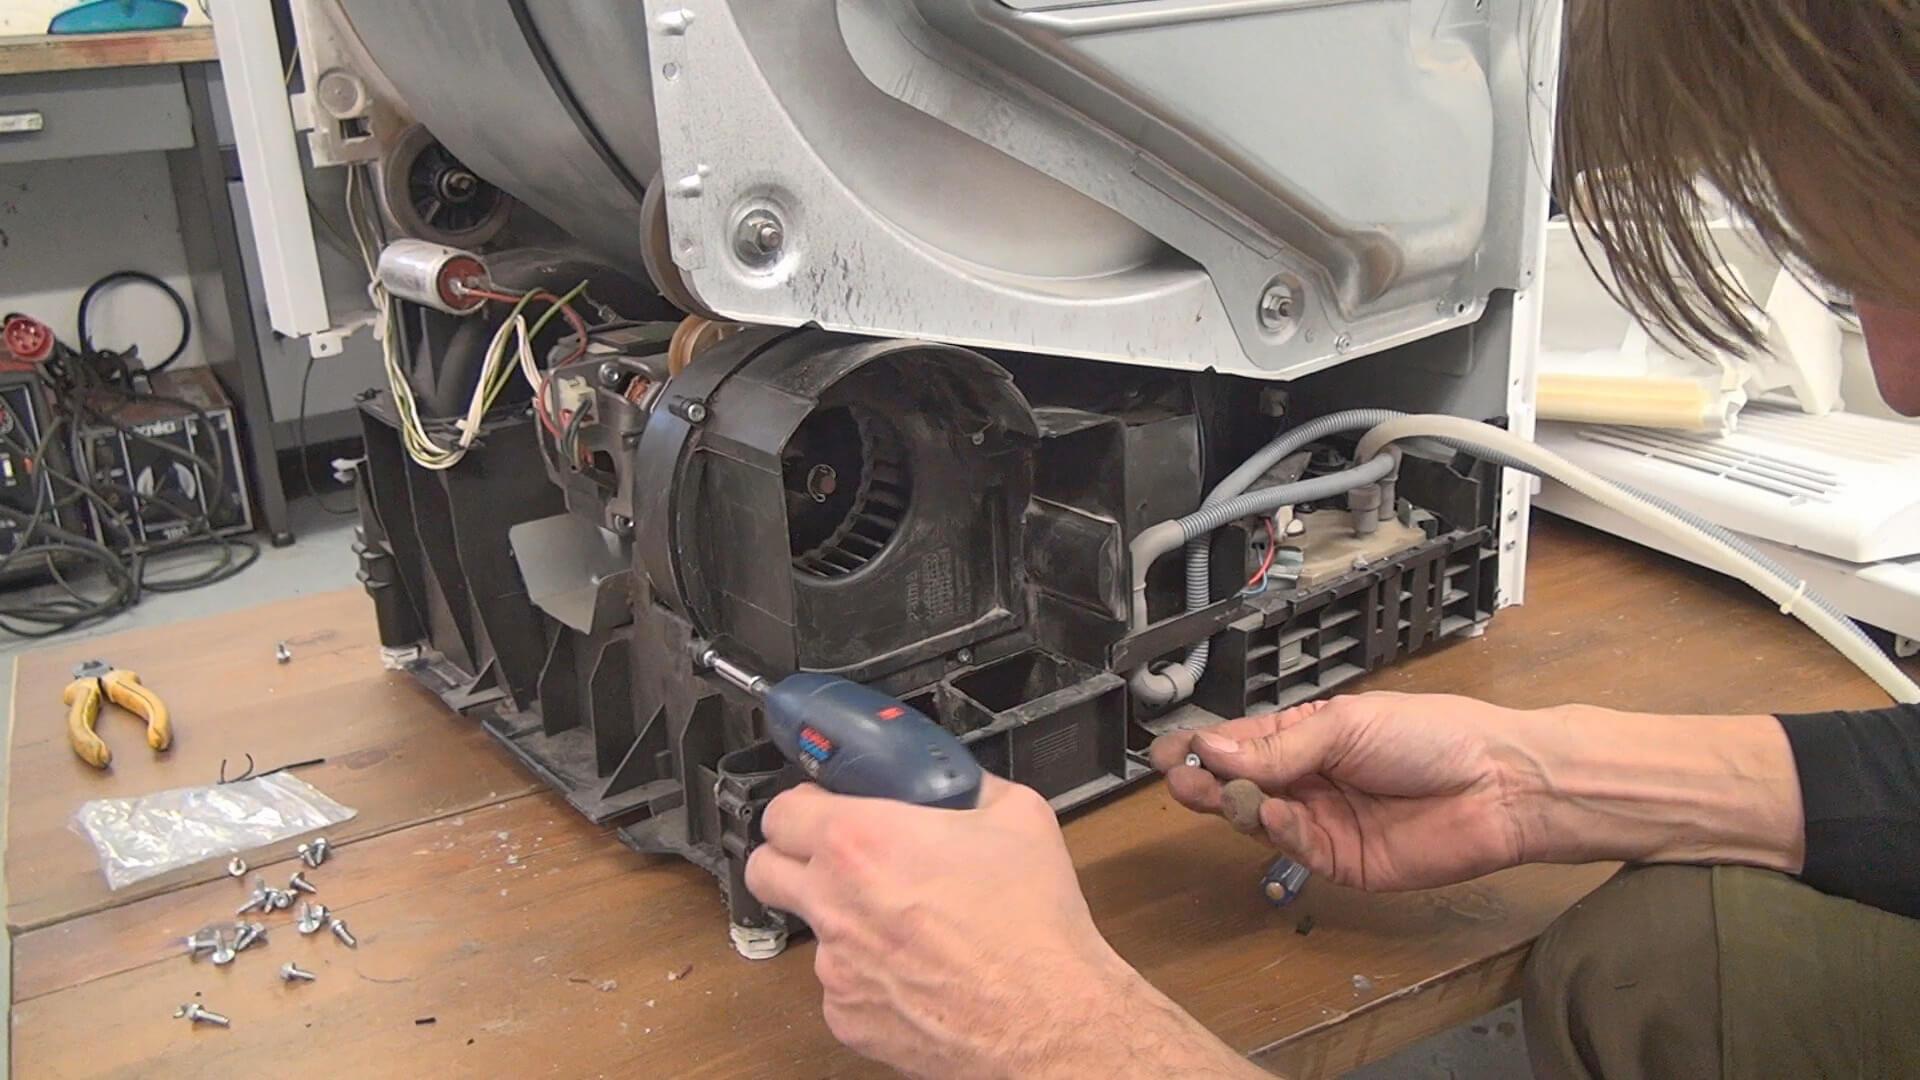 Ventilatorabdeckung aufsetzen und verschrauben